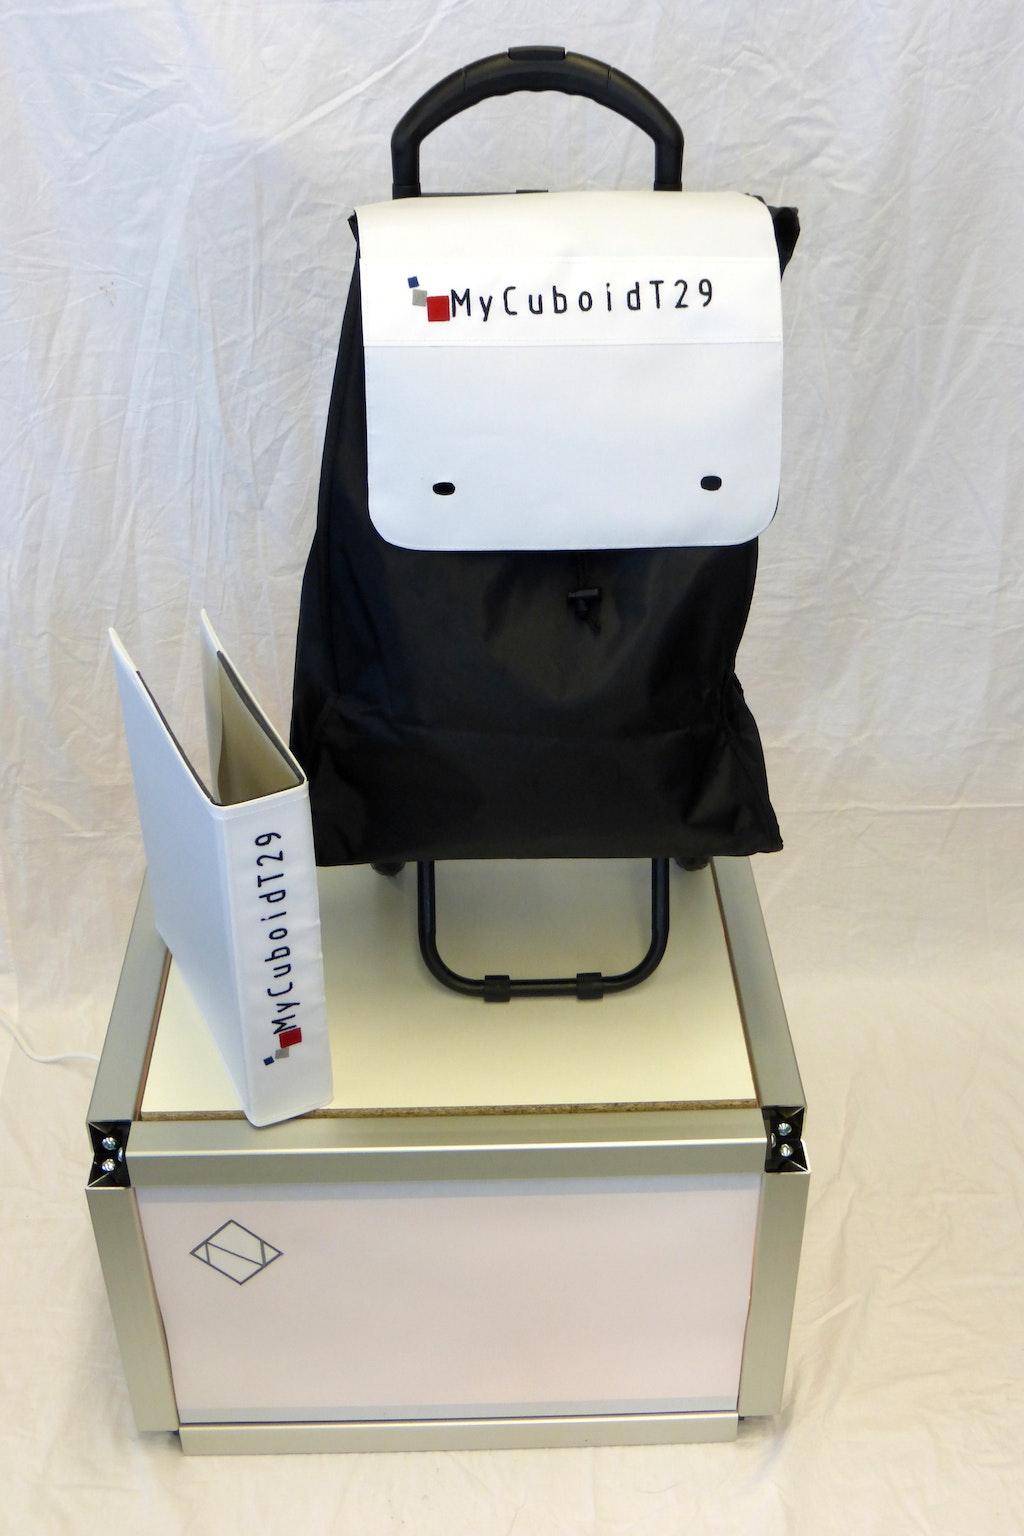 recouvrir un stand d 39 exposition avec de la bande magn tique. Black Bedroom Furniture Sets. Home Design Ideas